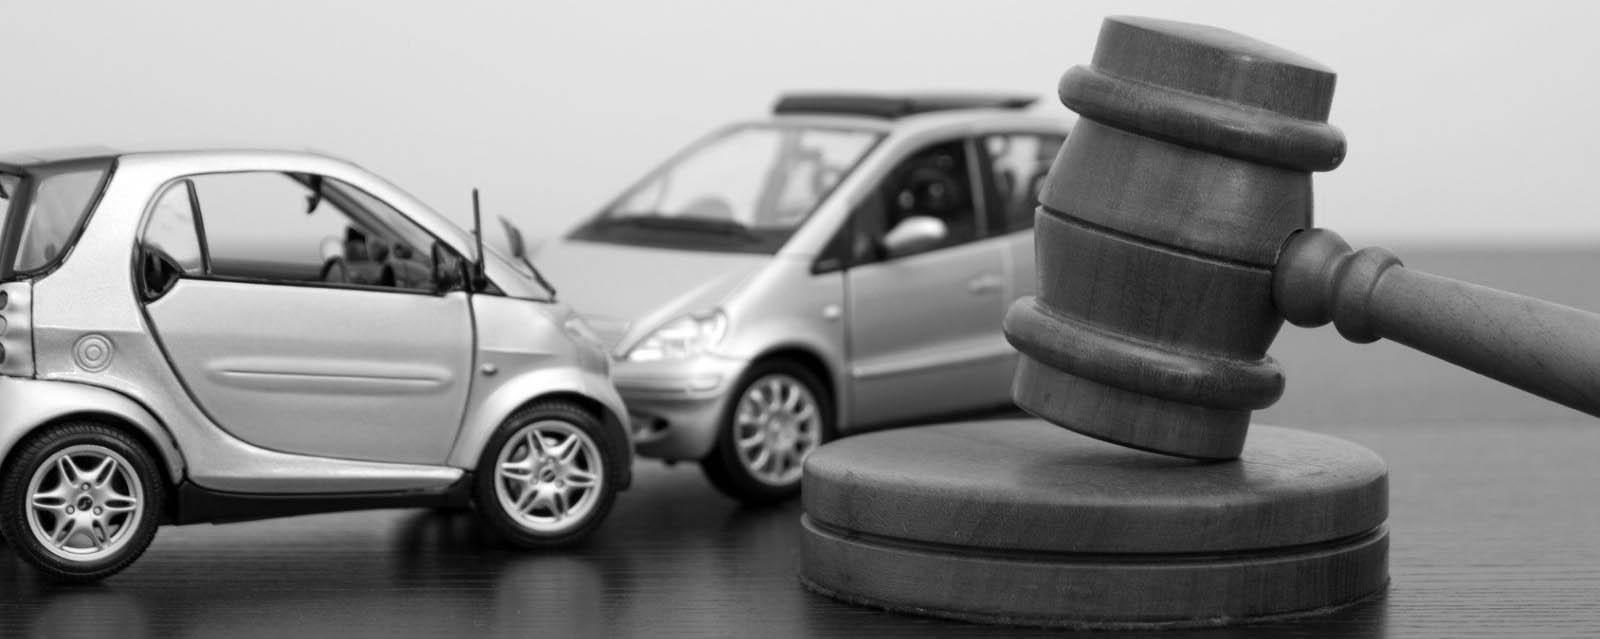 Иллюстрация к автомобильной аварии, когда нужна помощь адвоката